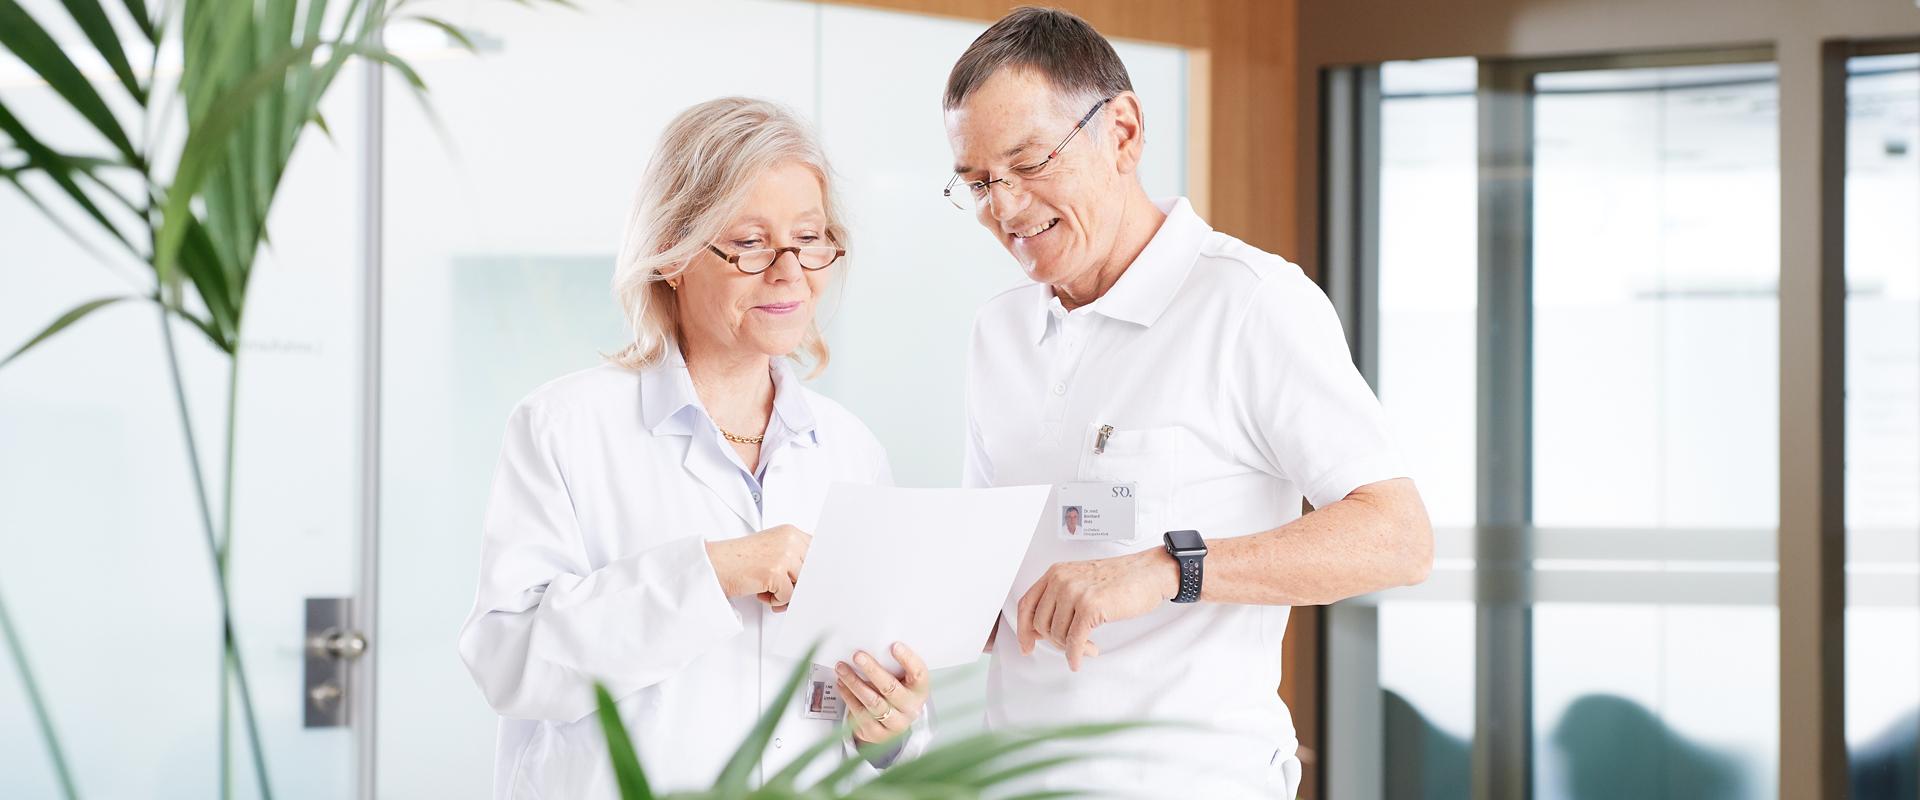 Dr. med. U. Bärtsch und Dr. med. B. Wetz in einer Besprechung